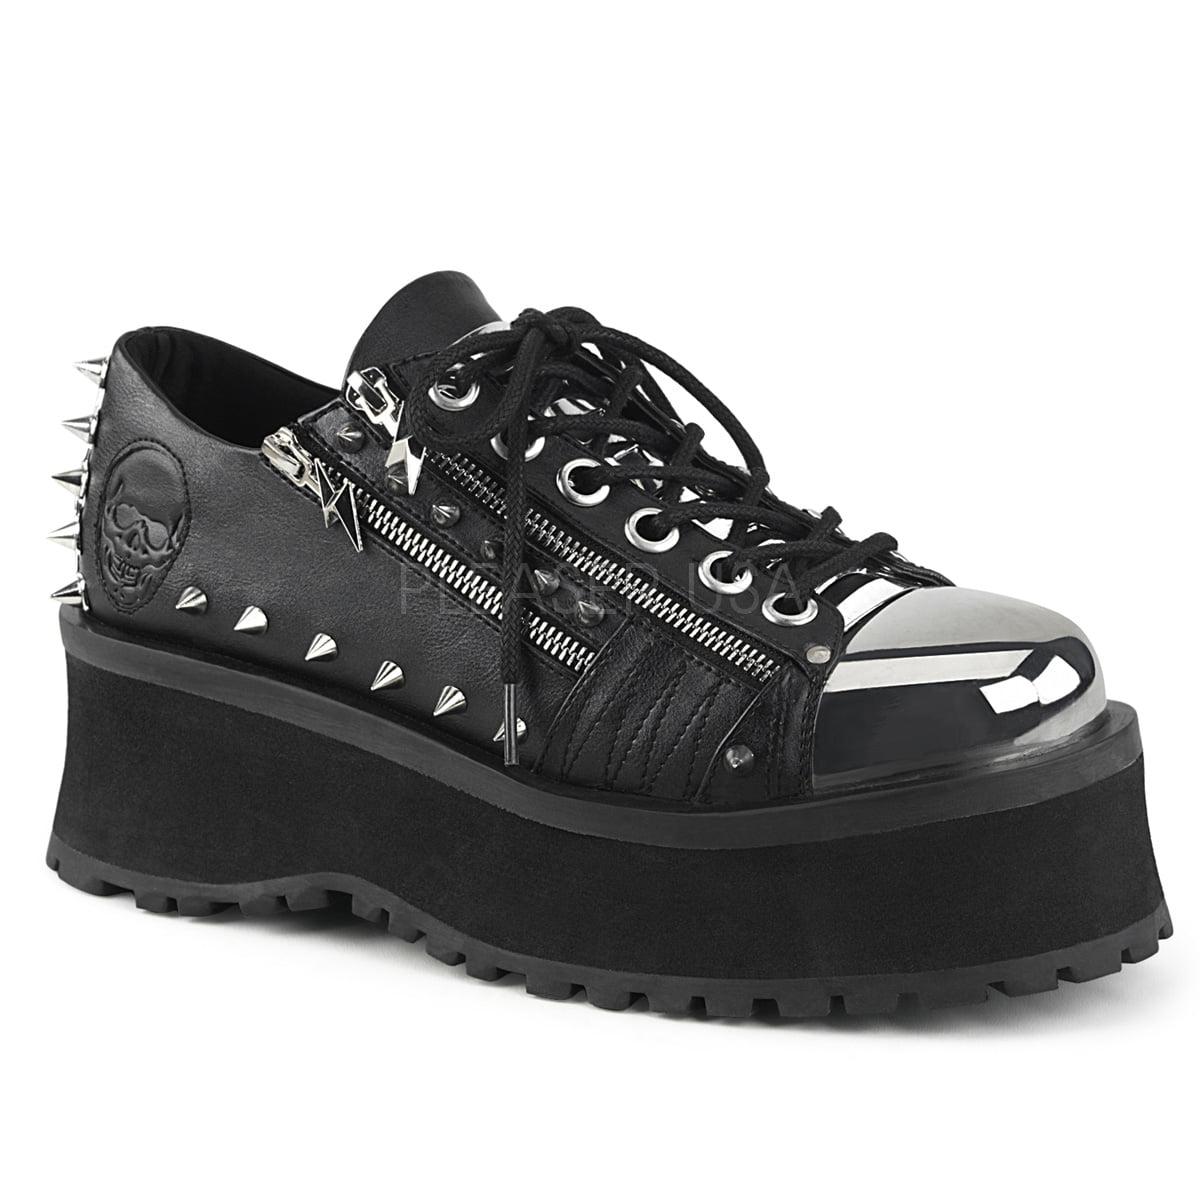 GRAVEDIGGER-04, 2 3/4'' Platform Lace-Up Shoe